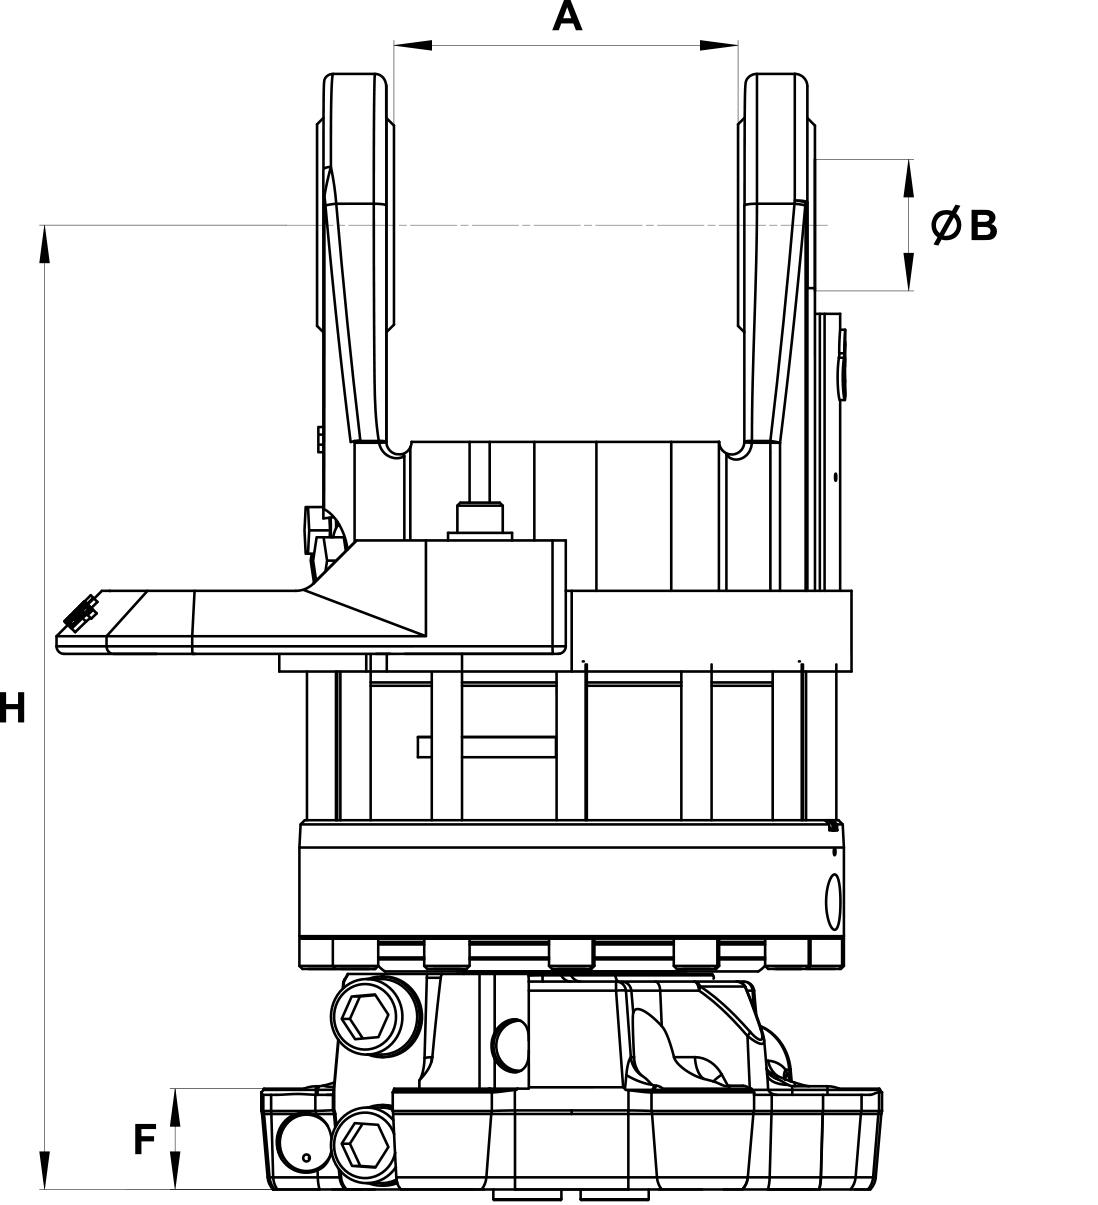 indexator-forst-rotatoren-16000-kg-doppellaschen-flansch-abstand-mbp-144-bohrung-mbp-62-1-indexator-rotatoren-rotator-holzgreifer-rotator-für-holzgreifer-rotator-holzzange-rotator-für-holzzange-ersatzteile-rotator-indexator-drehköpfe-drehkopf-indexator-ersatzteile-indexator-ersatzteil-service-indexator-rotatoren-beratung-rotator-ersatzteillisten-indexator-rotatoren-ersatzteillisten-rotator-ersatzteile-rotator-anfrage-rotator-anfrage-indexator-rotator-rotator-bestellen-rotator-kaufen-drehmotor-blackrubin-baltrotors-baltrotator-drehservo-drehkopf-rotator-hydraulischer-drehmotor-hydraulischer-drehservo-hydraulischer-drehkopf